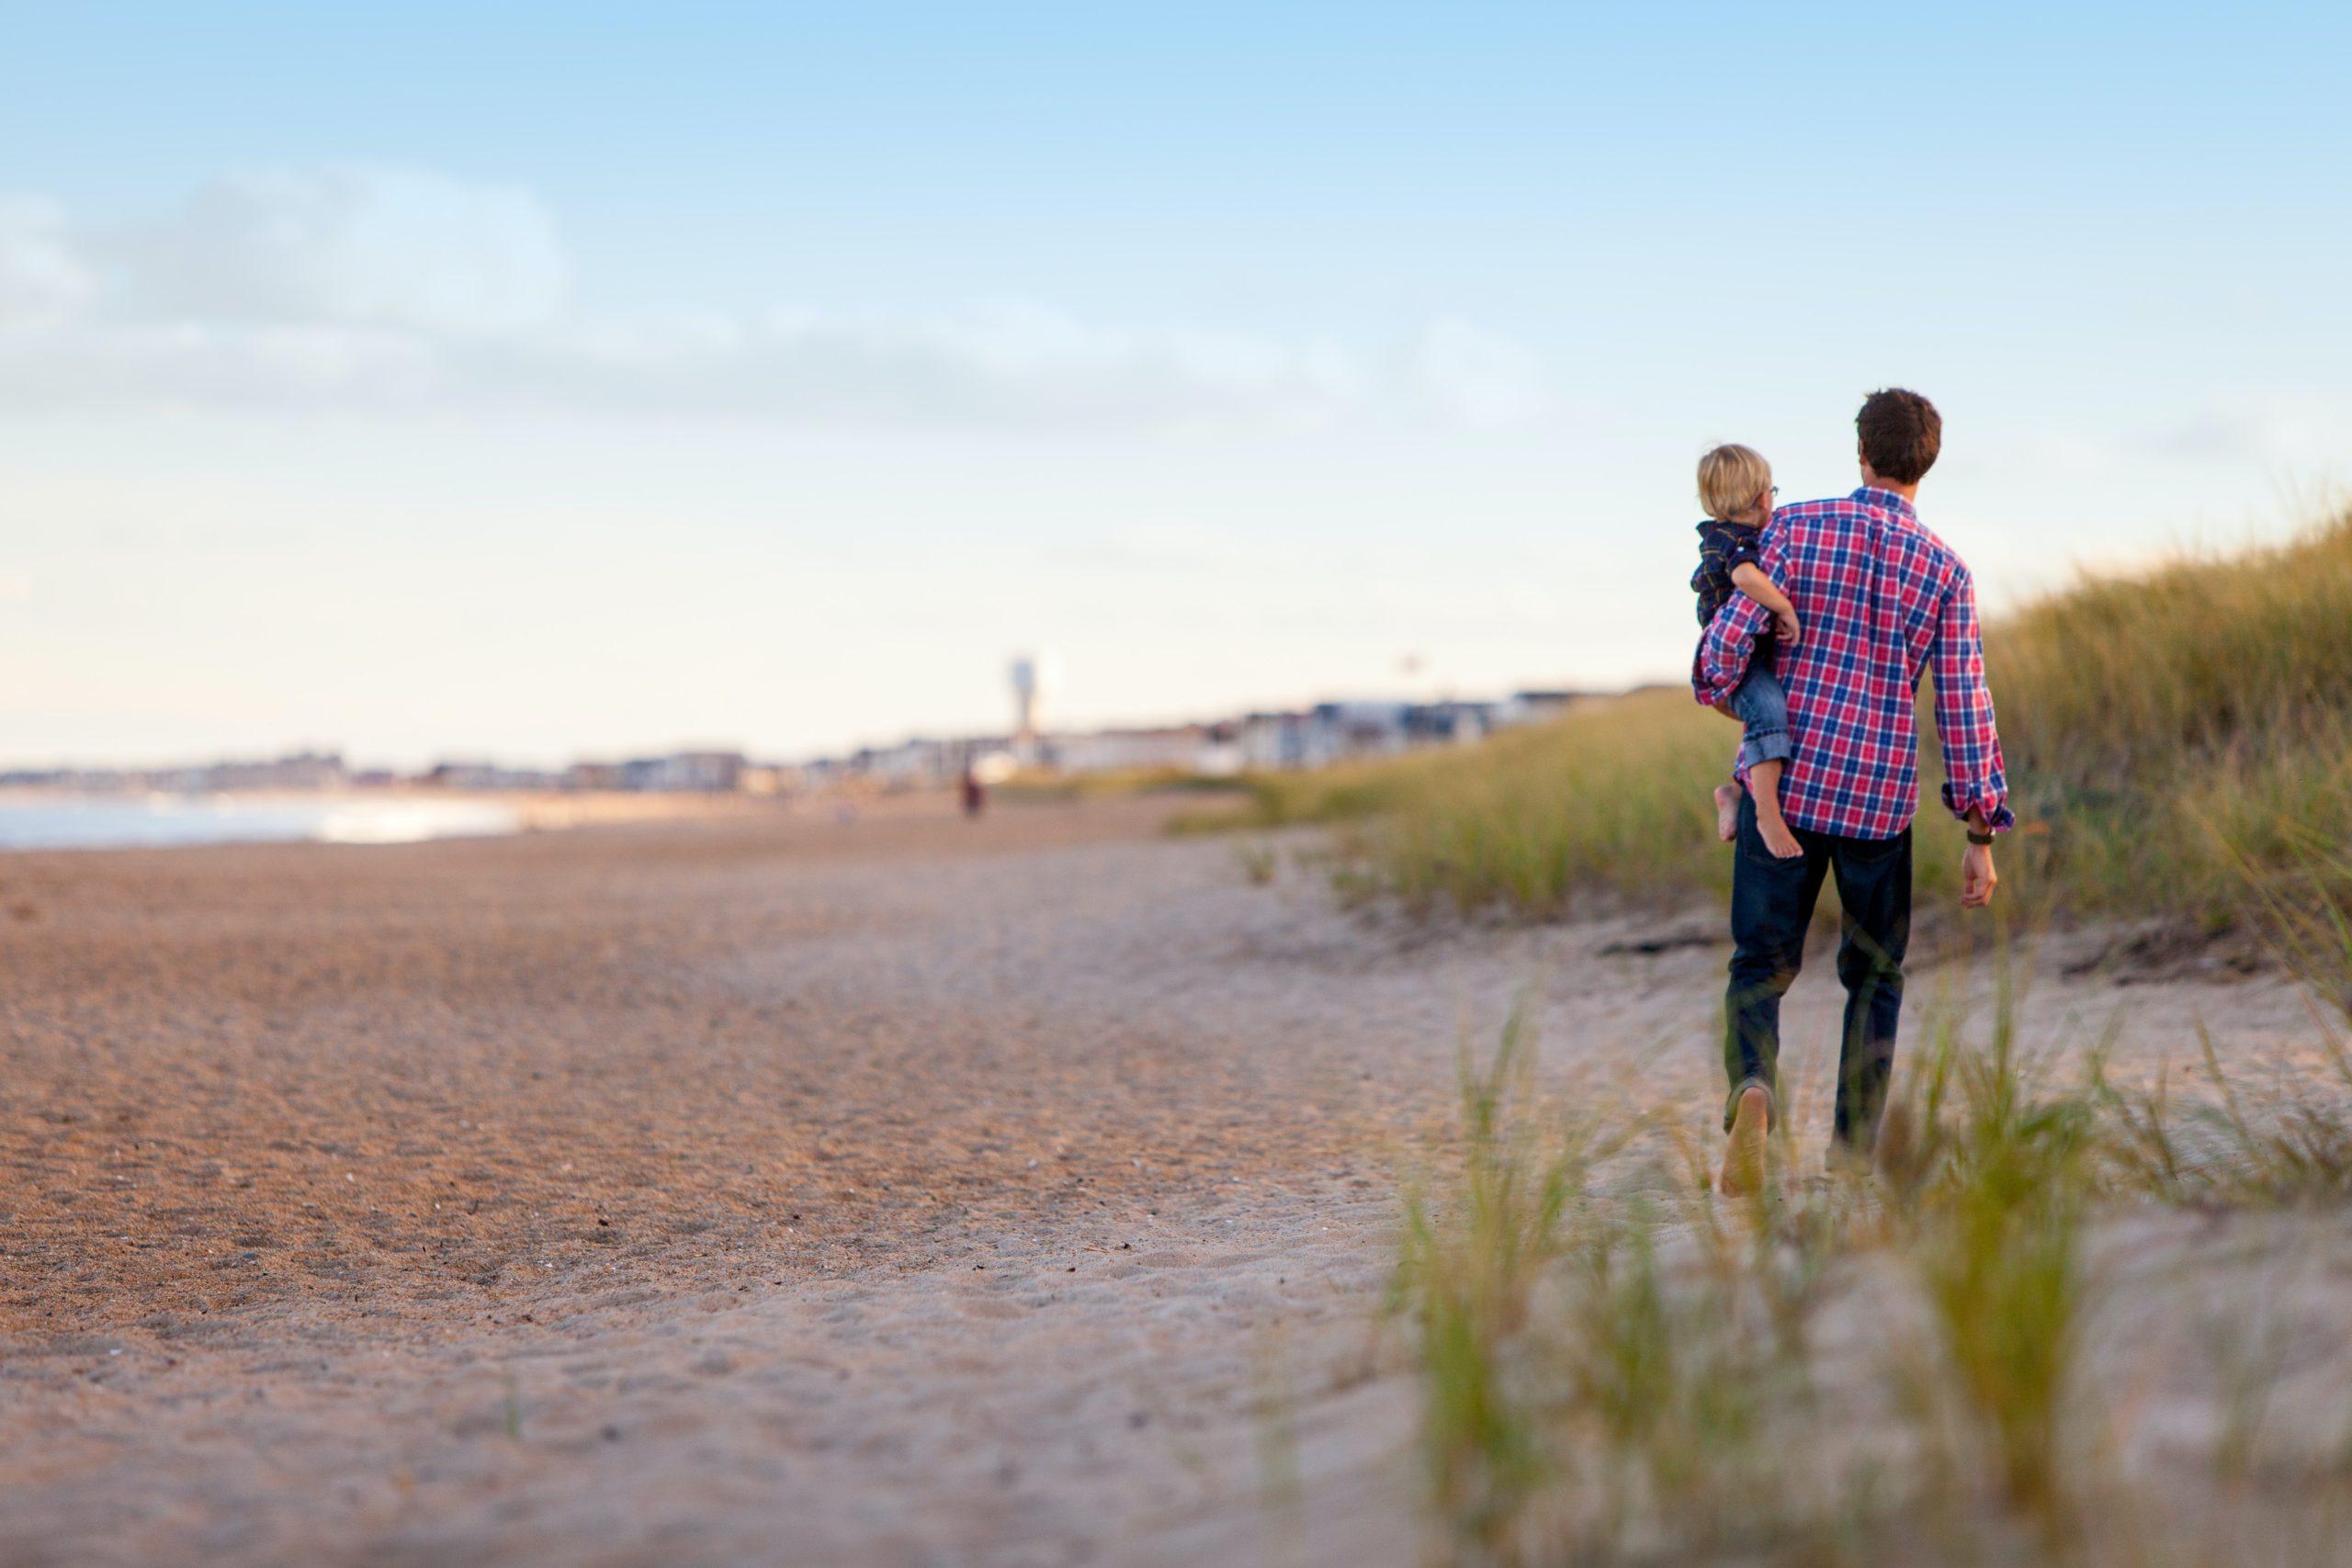 母子家庭等の生活向上を図る「ひとり親家庭等生活向上事業」とは